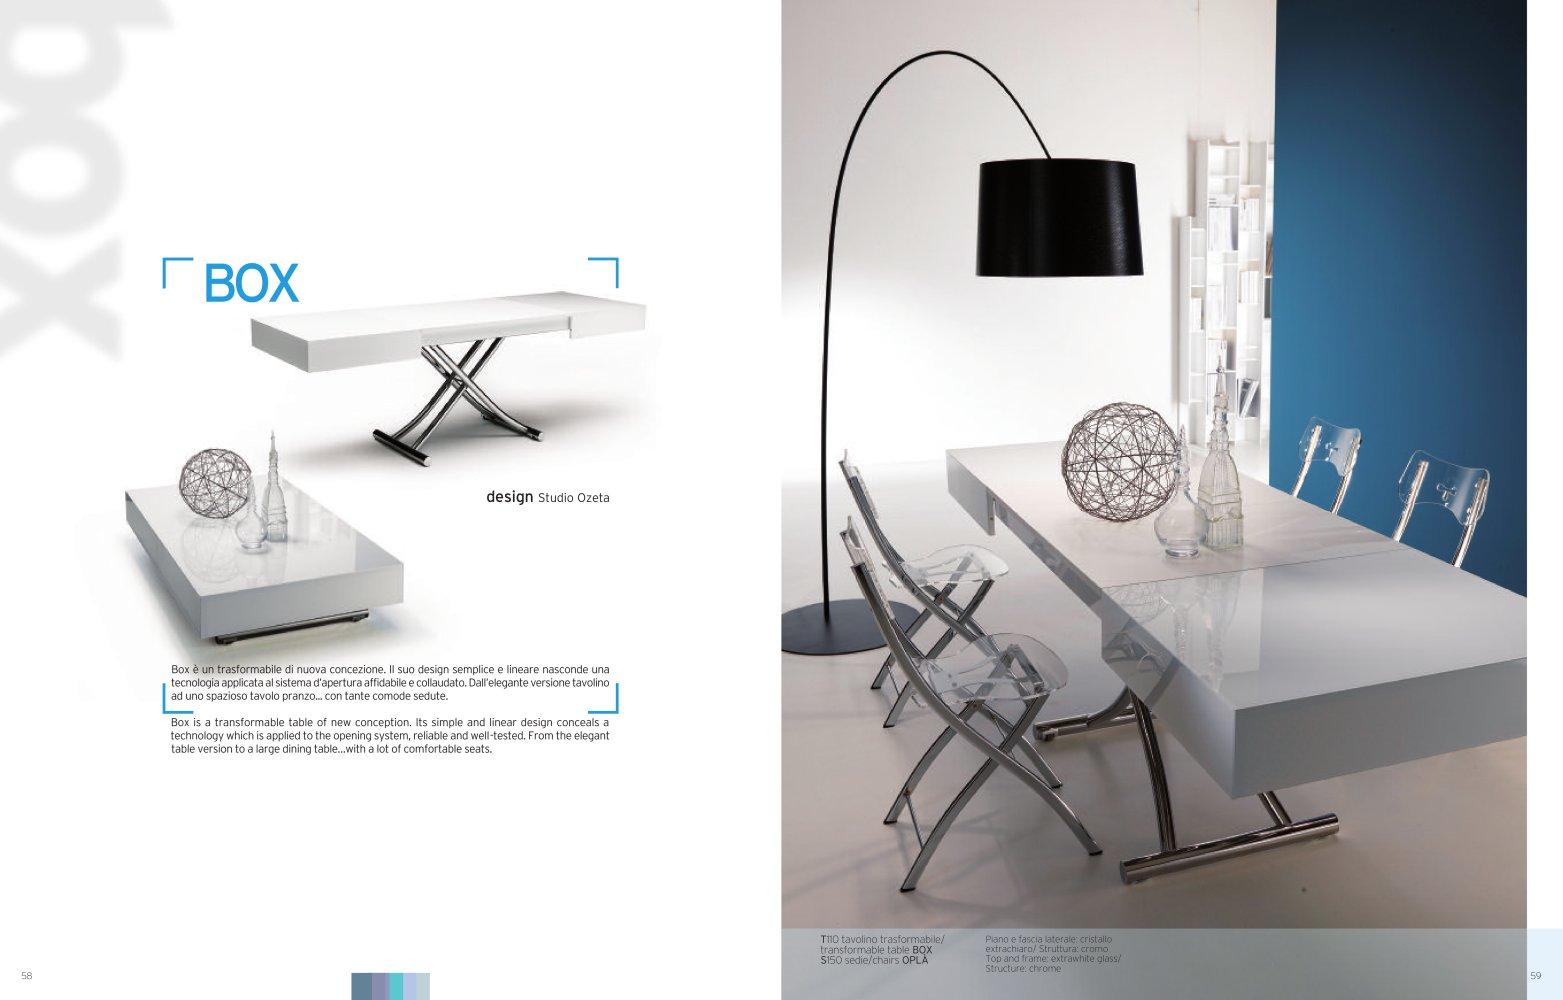 Tavolino box t110 ozzio design trasformabile diventa - Tavolo box ozzio ...